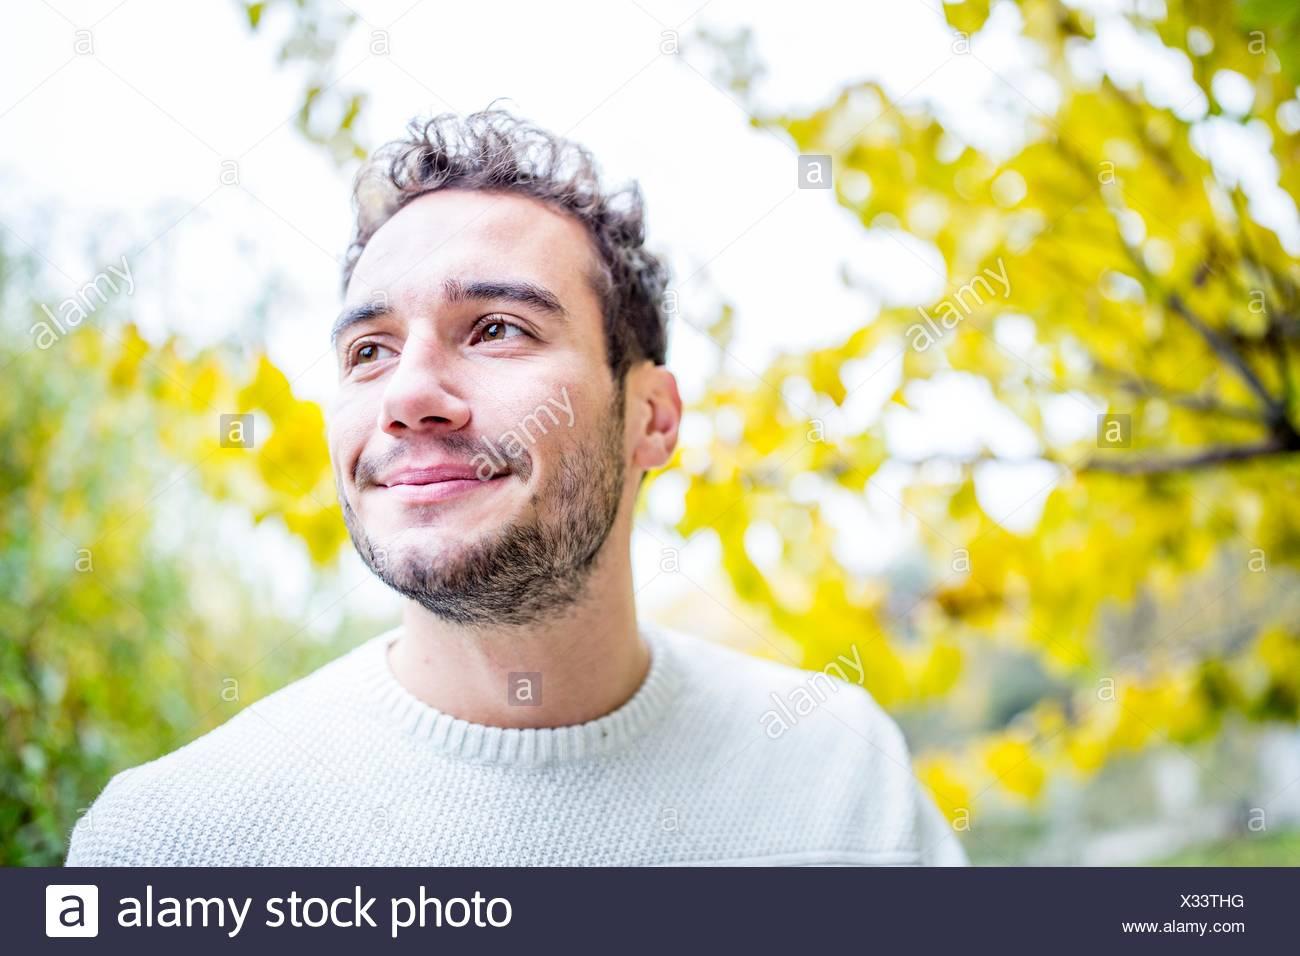 Modelo liberado. Apartar la mirada joven y sonriente, cerca. Imagen De Stock